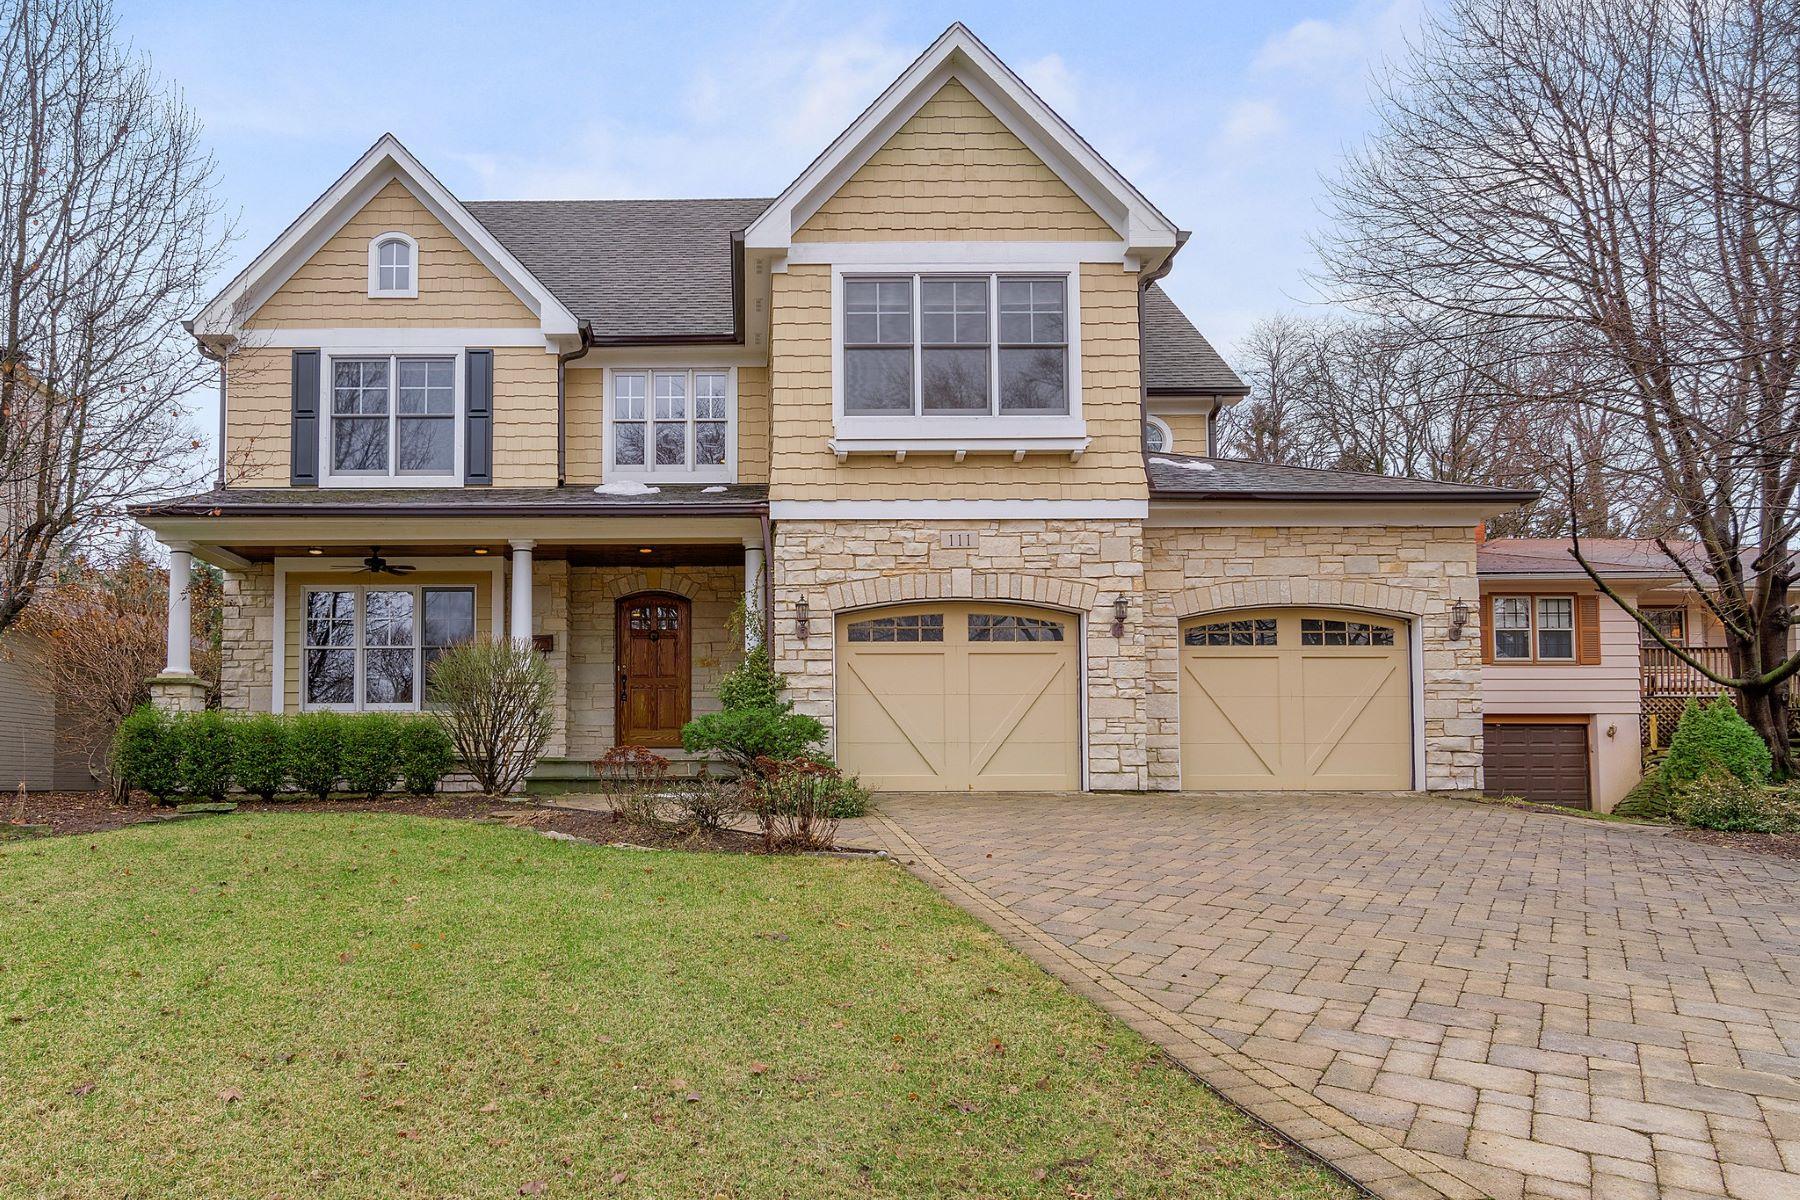 Casa para uma família para Venda às 111 ANN ST Clarendon Hills, Illinois, 60514 Estados Unidos